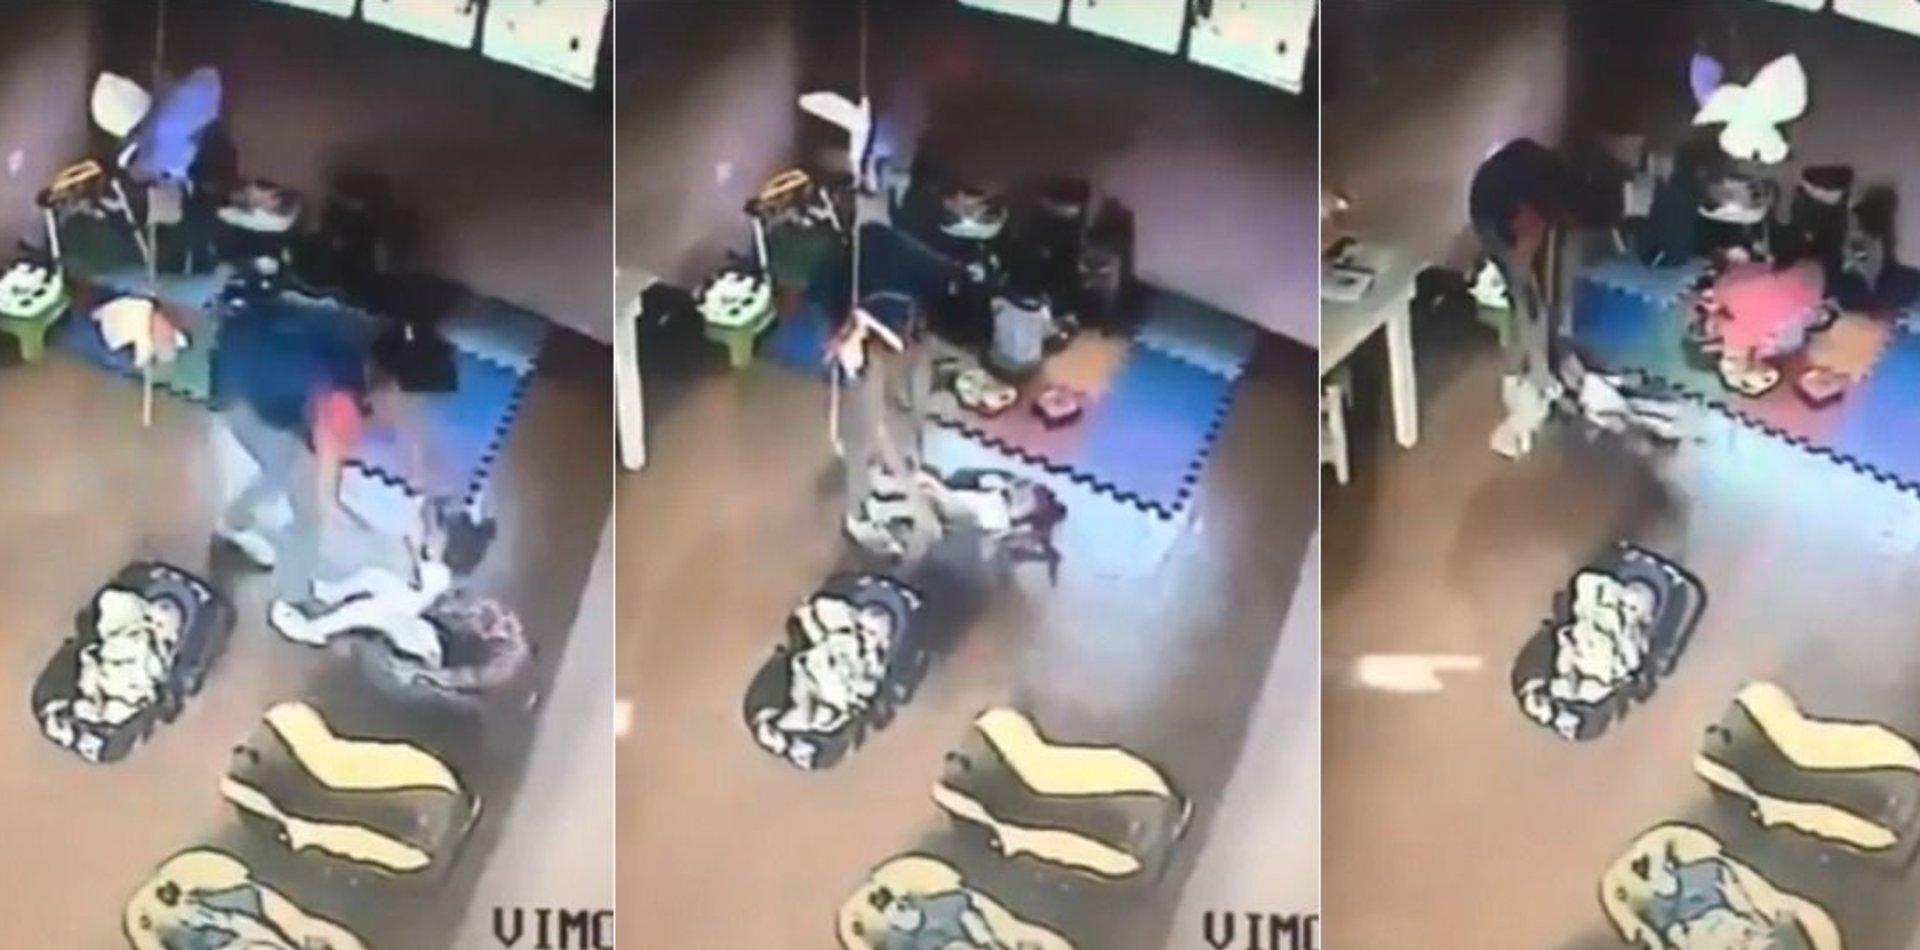 Jardín del horror en La Plata: apareció un nuevo video con maltratos a otros bebés